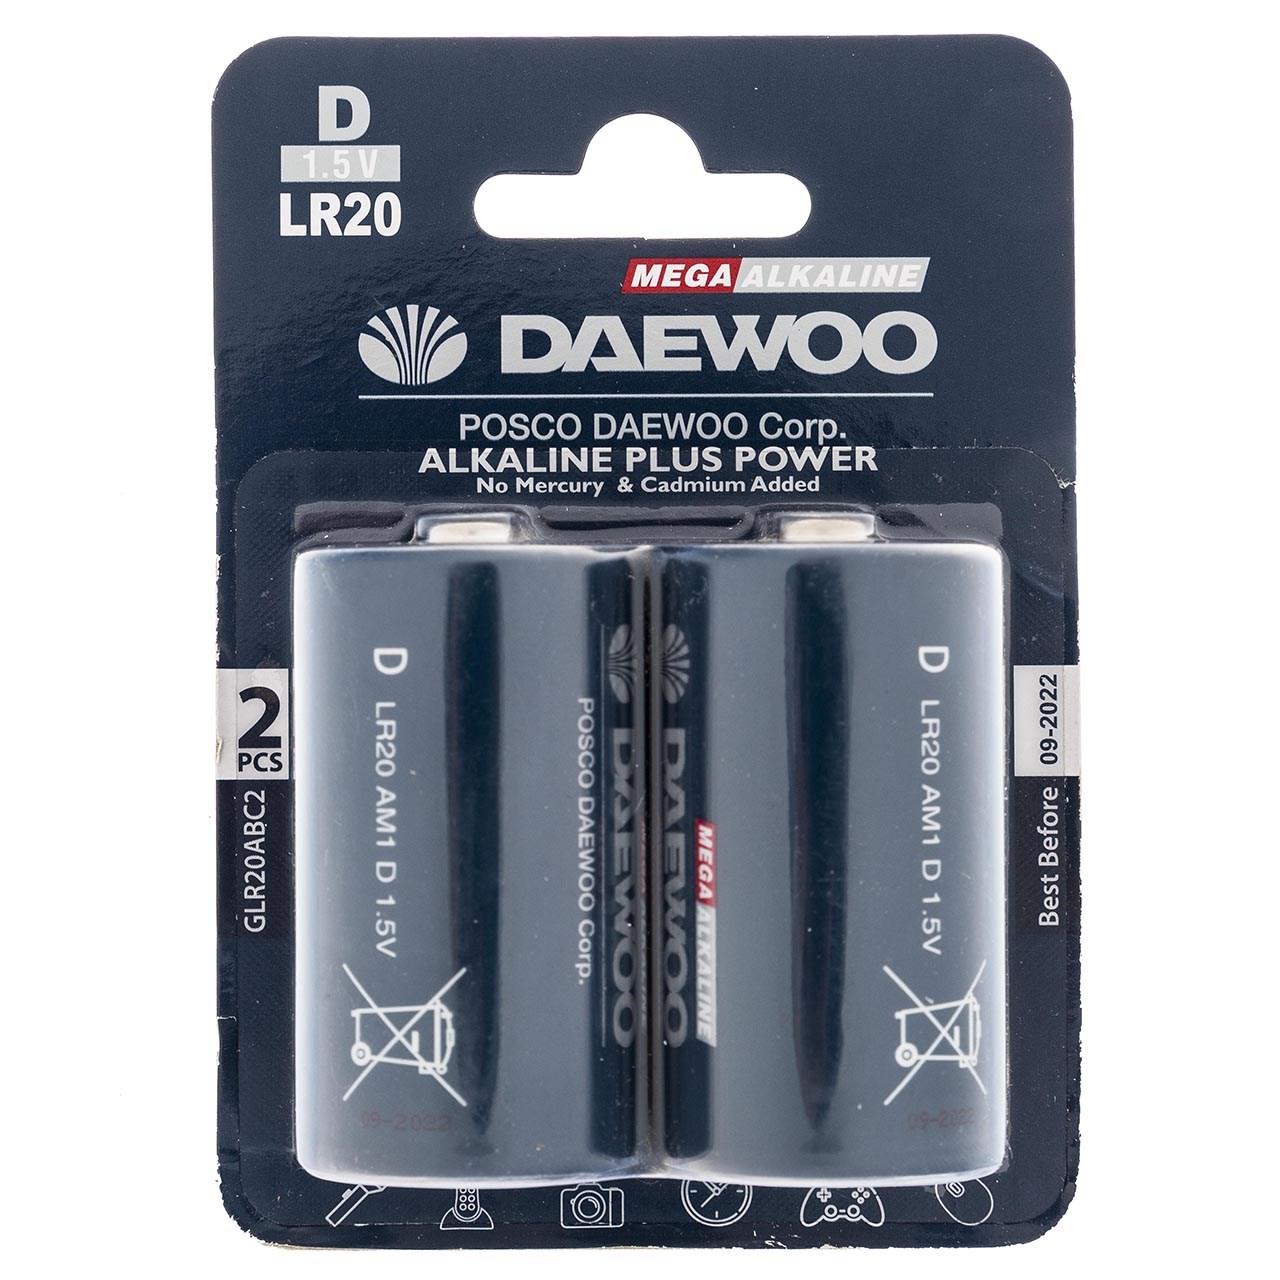 بررسی و {خرید با تخفیف}                                     باتری D دوو مدل Alkaline plus Power بسته 2 عددی                             اصل